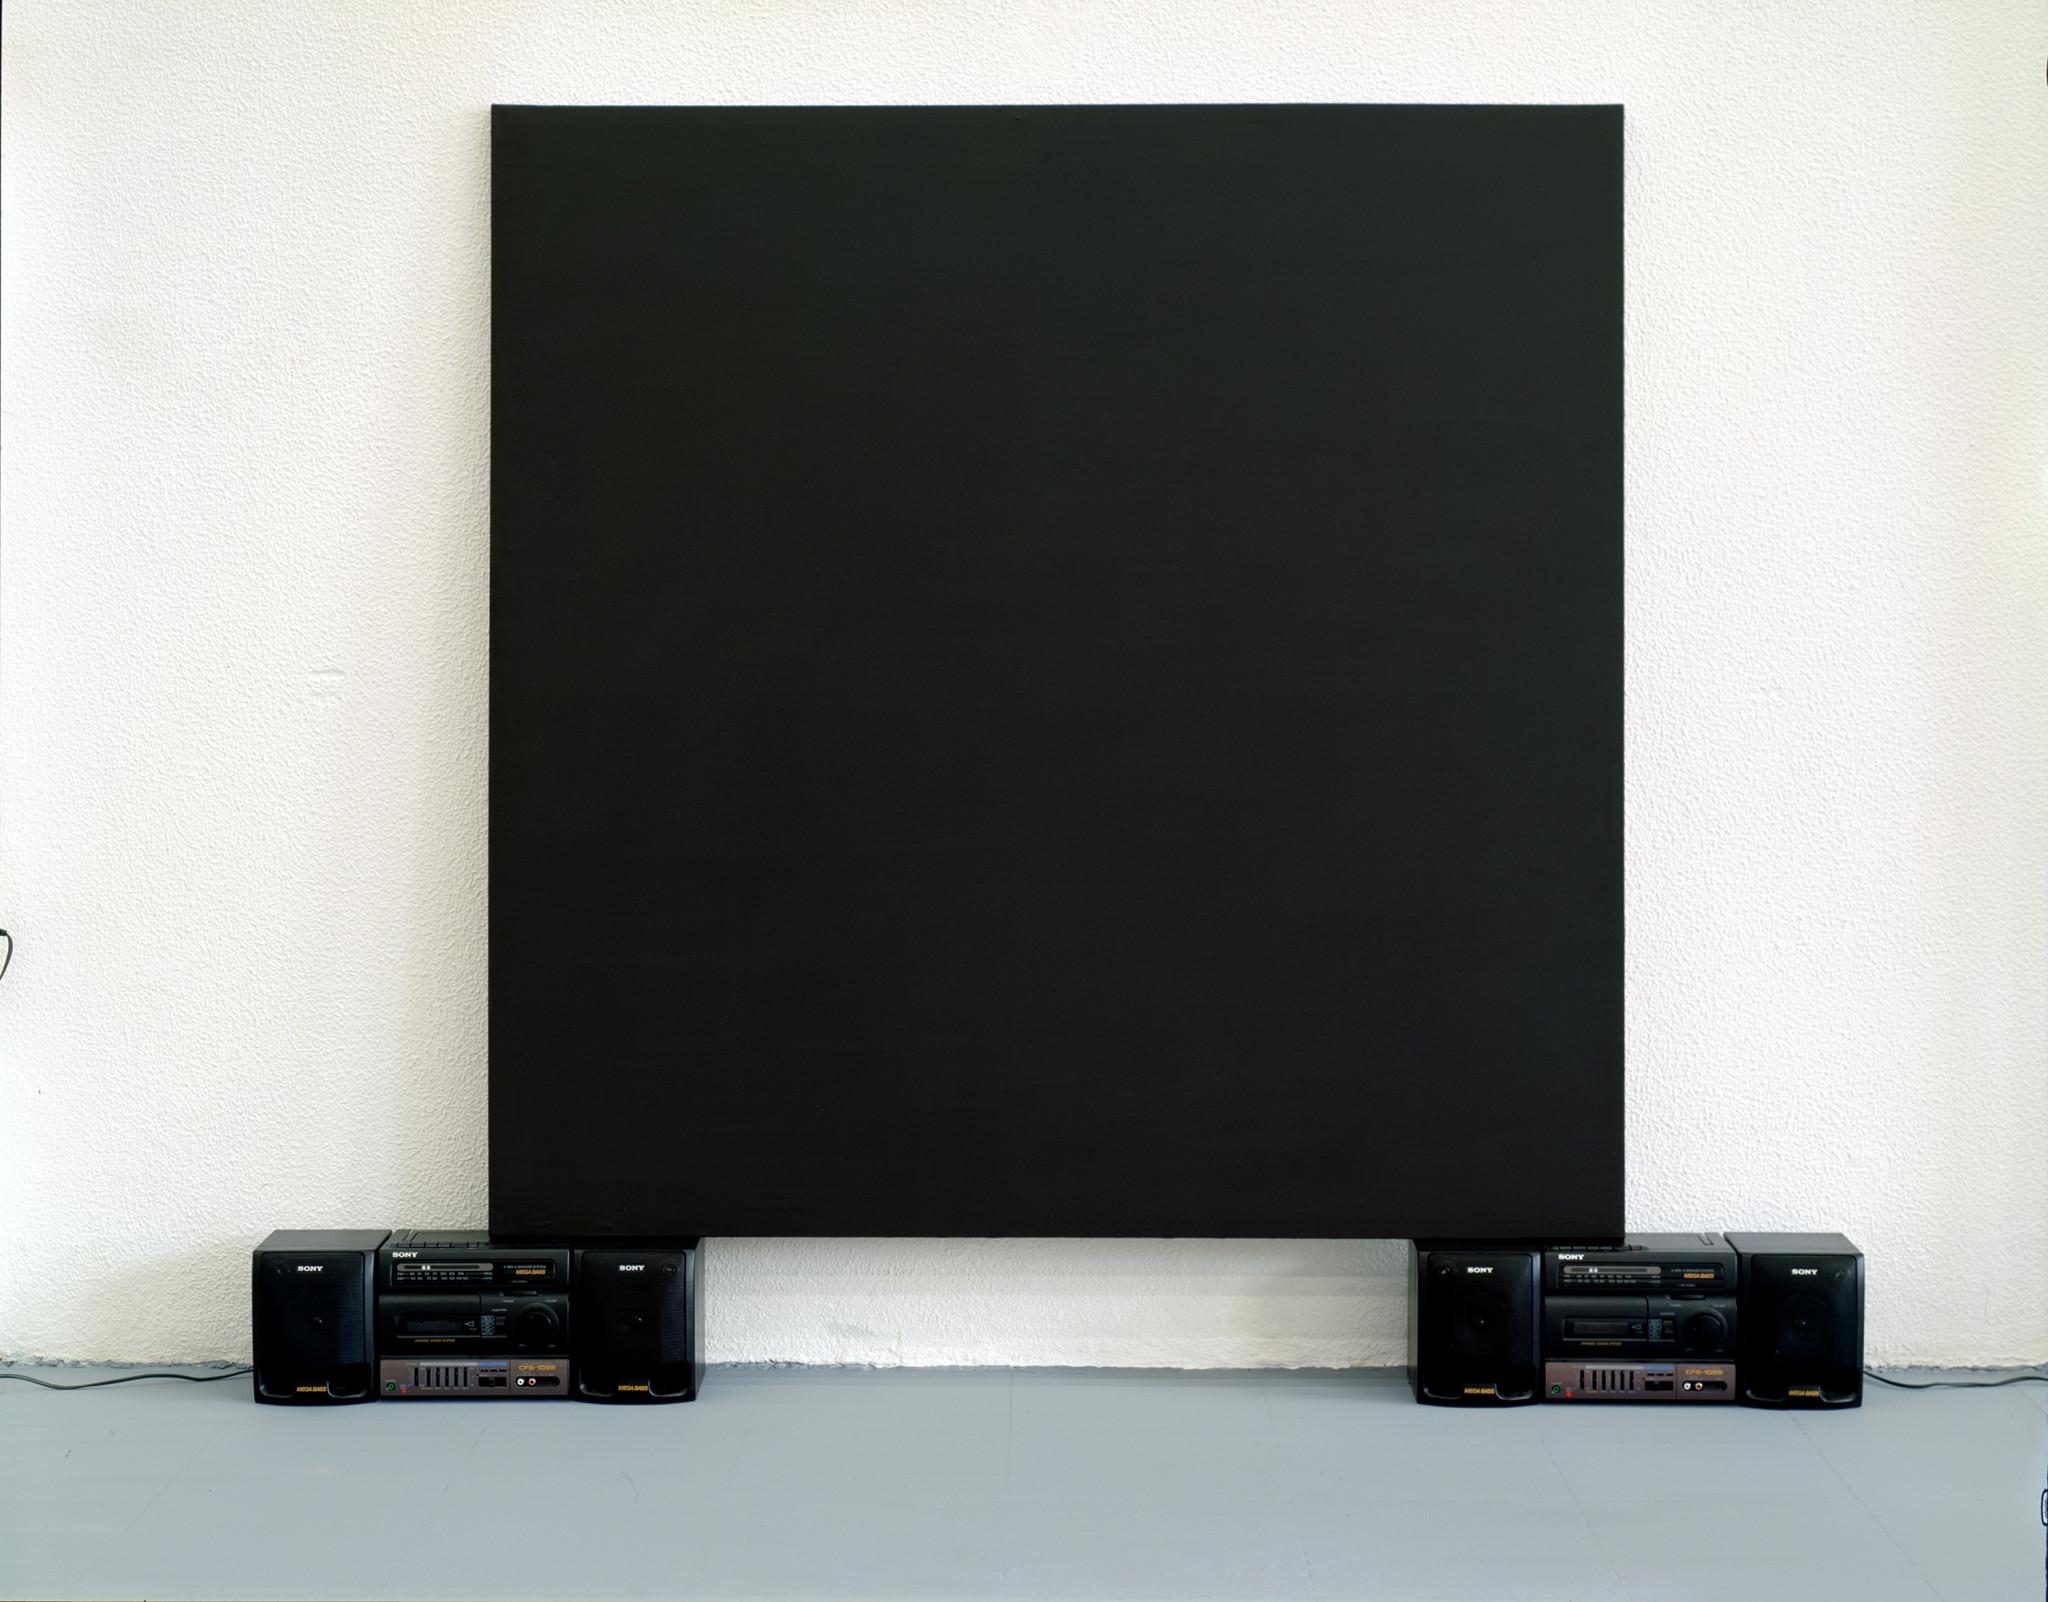 Germinal_Black Painting (Perfect Lovers).1997 de Rui Toscano Crédito DMF.TIF